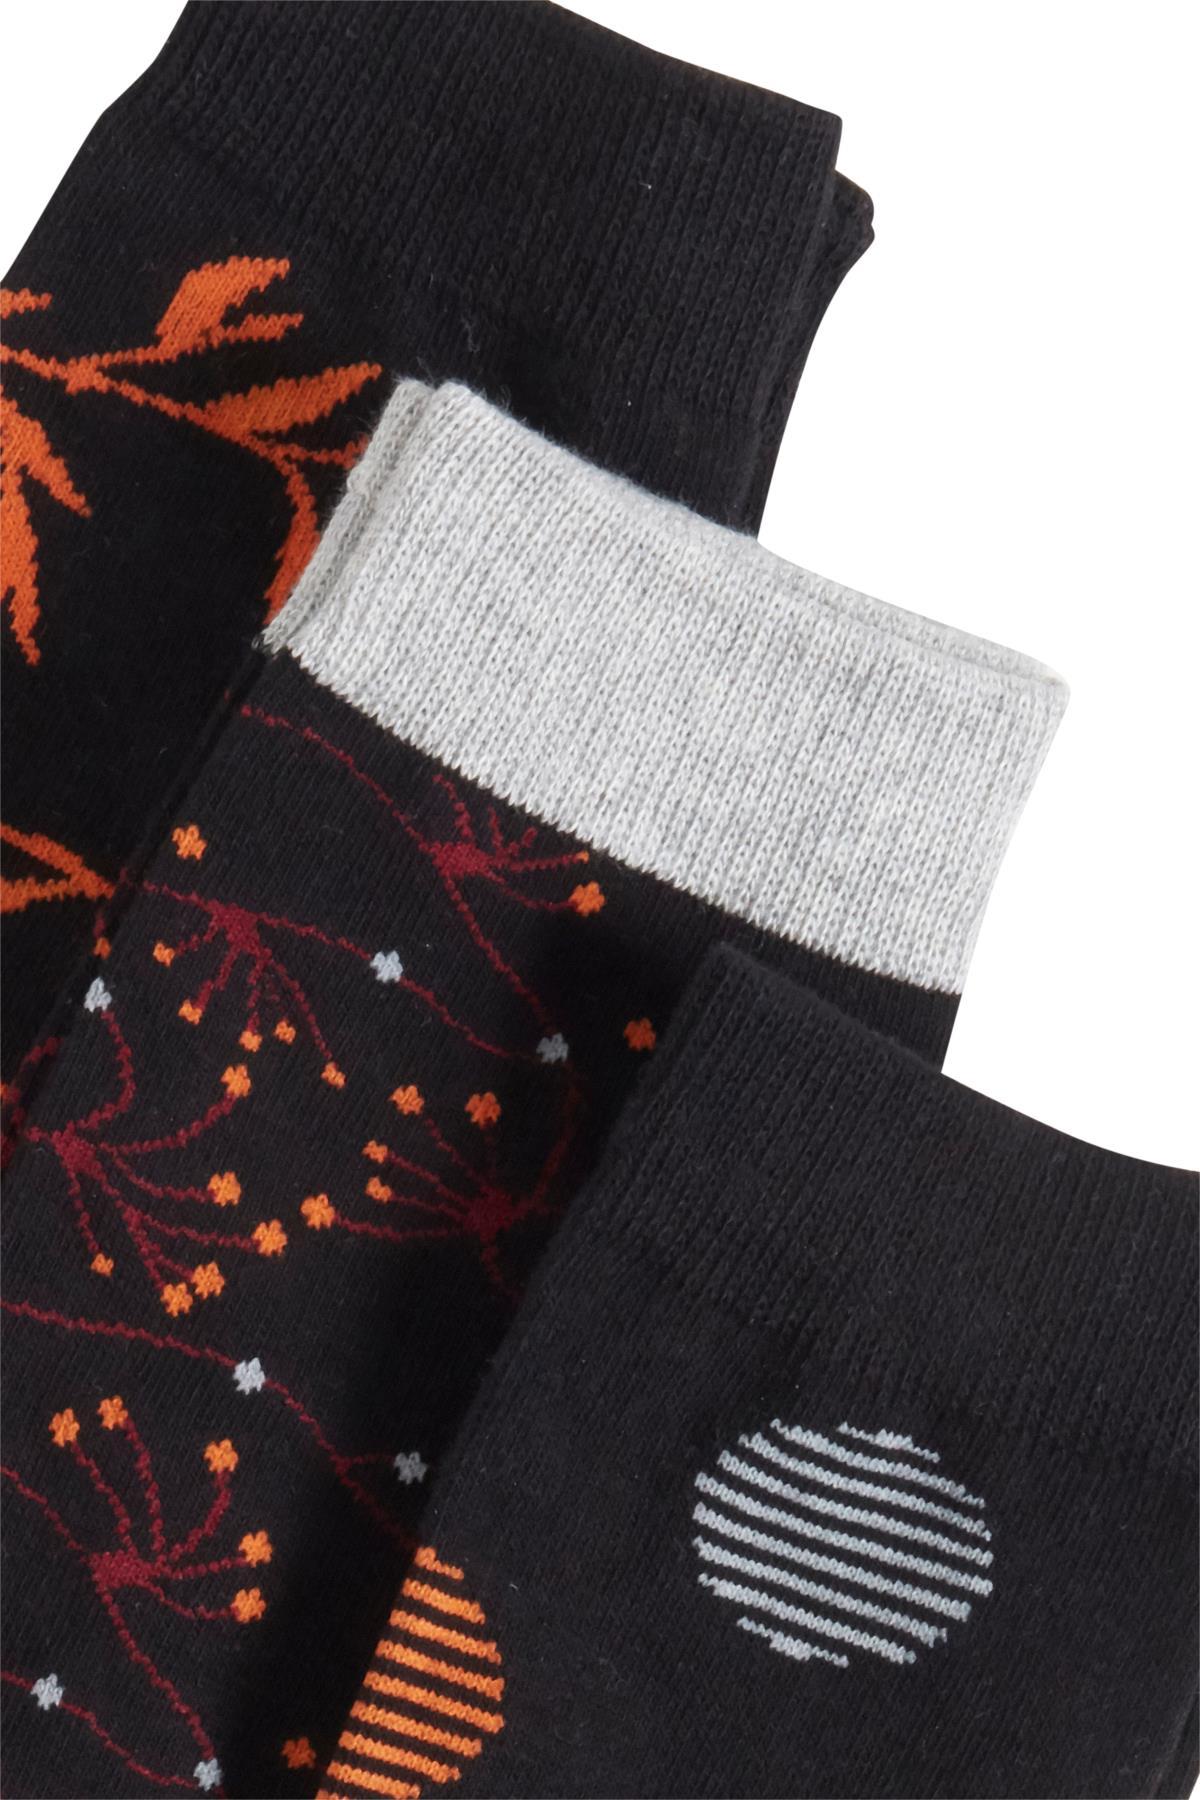 Mix colors Strømper – Køb Mix colors Strømper fra str. ONE her